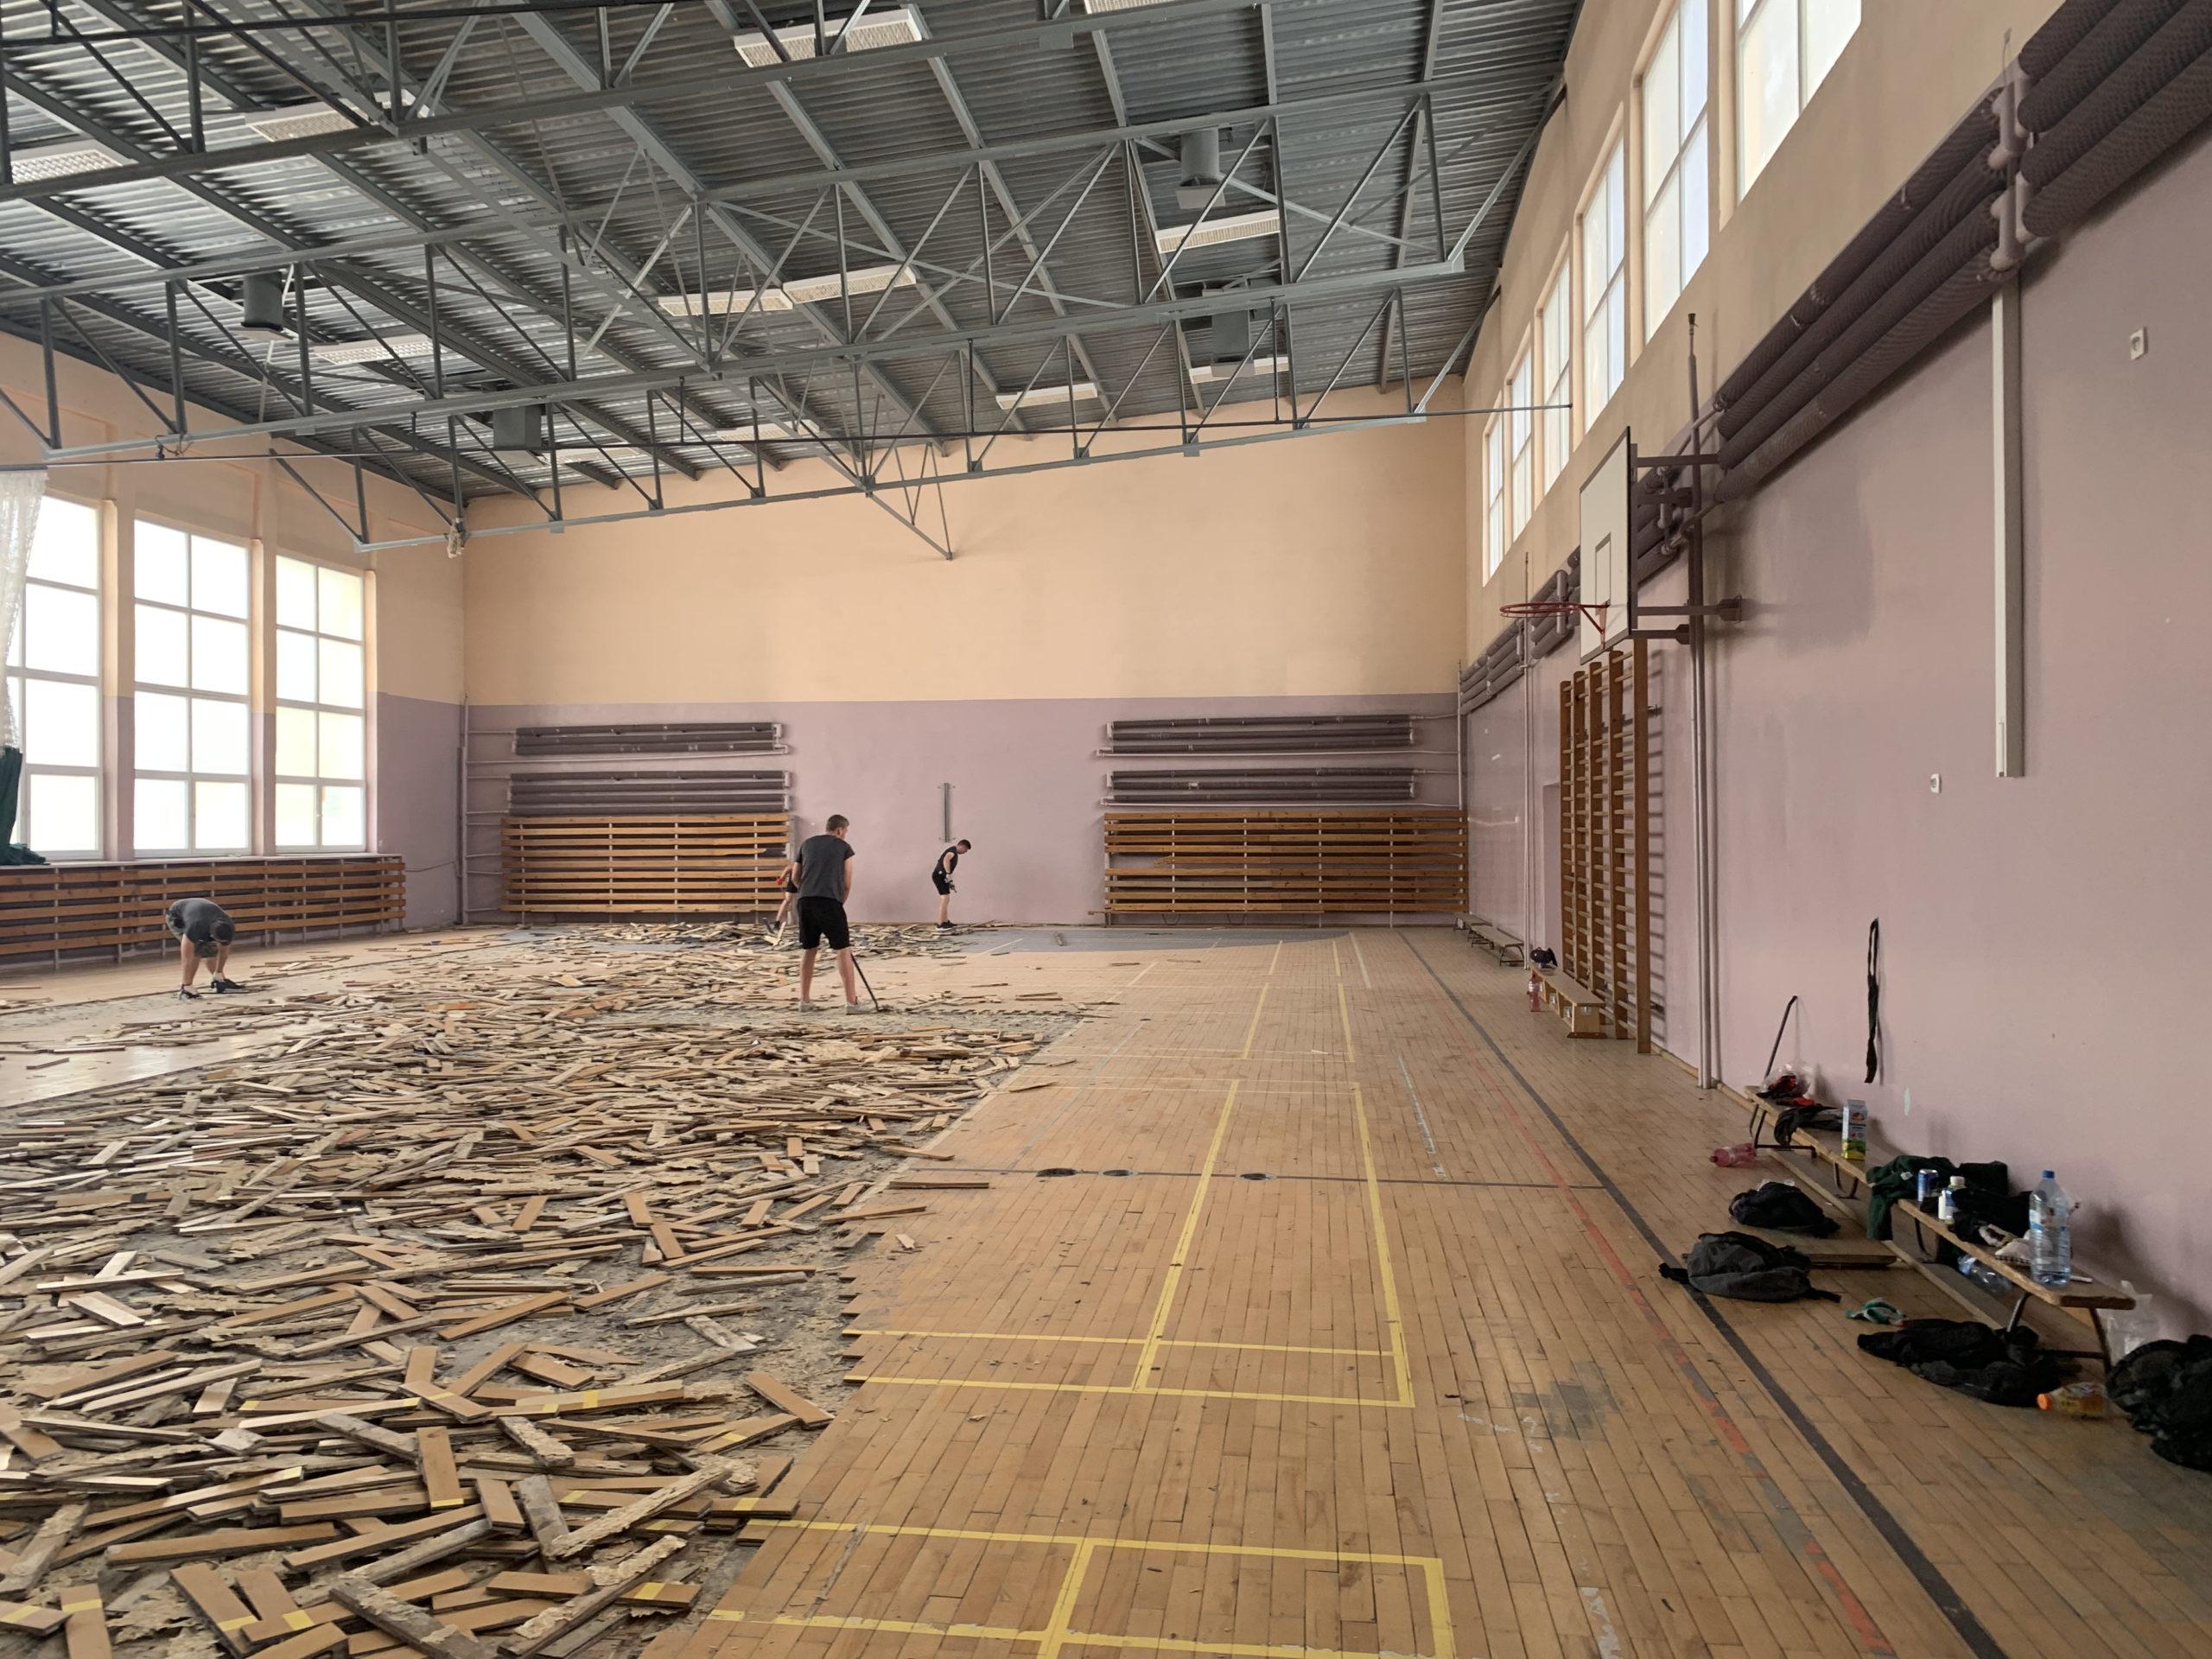 Remont sali gimnastycznej Sp. 30 Olsztyn